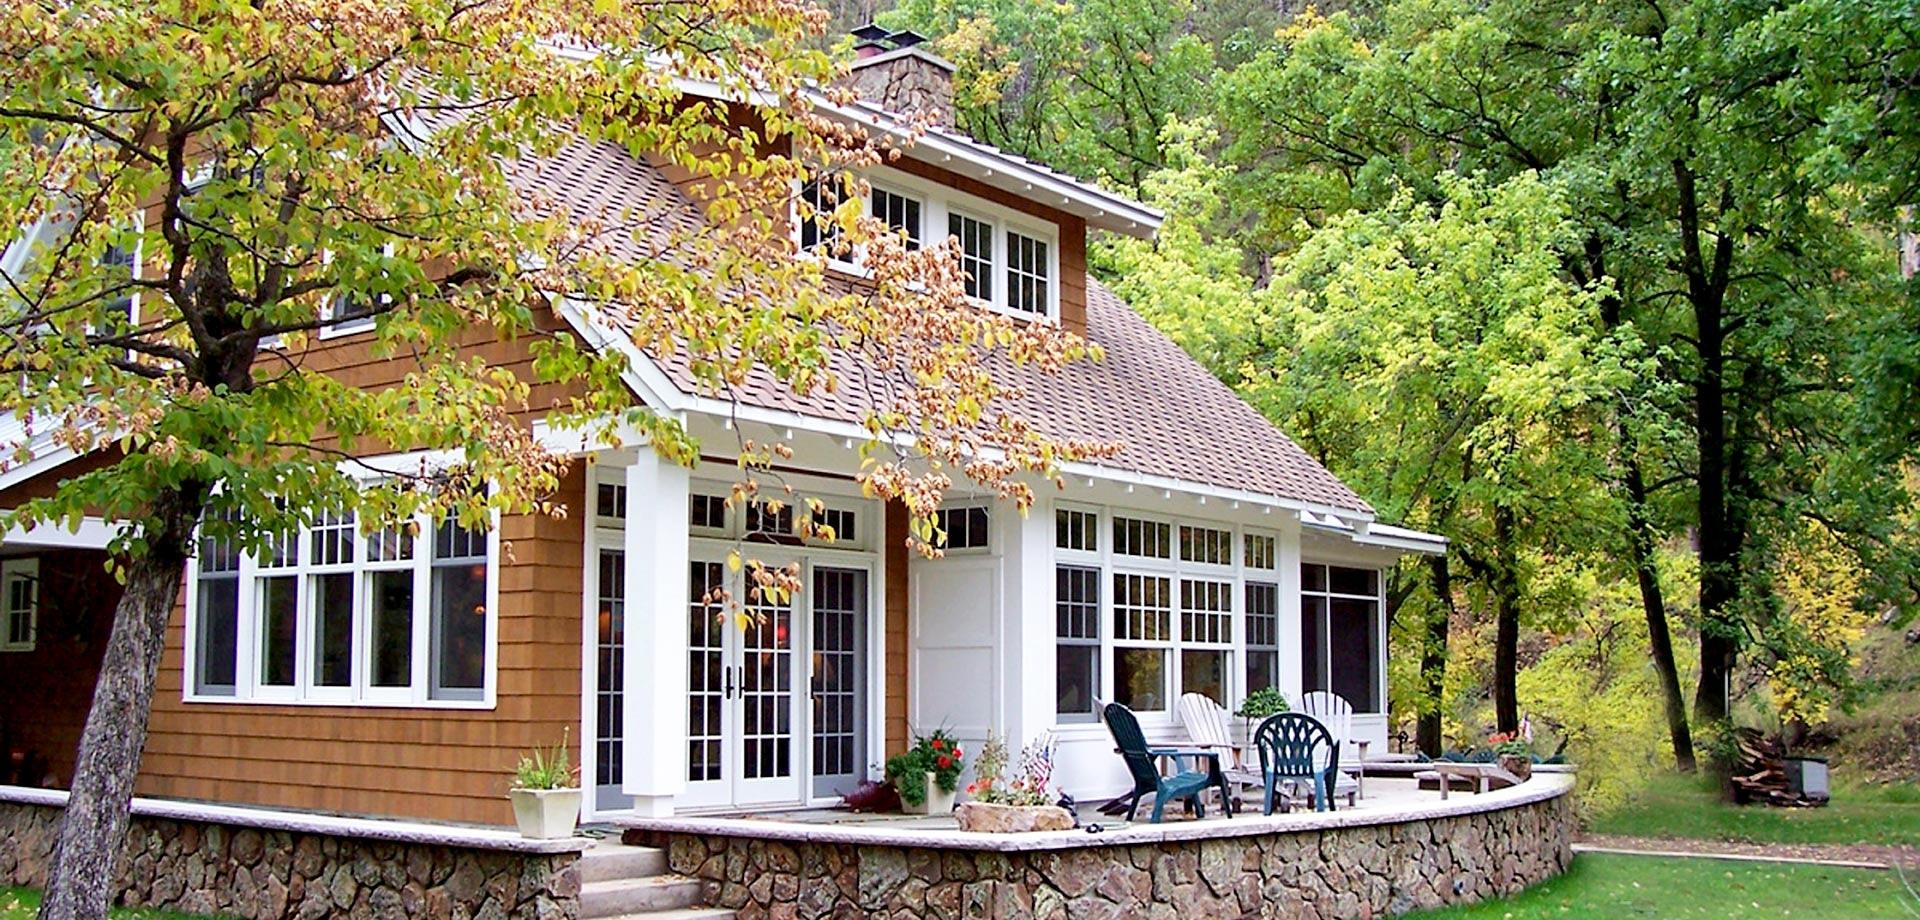 PB_Cottage